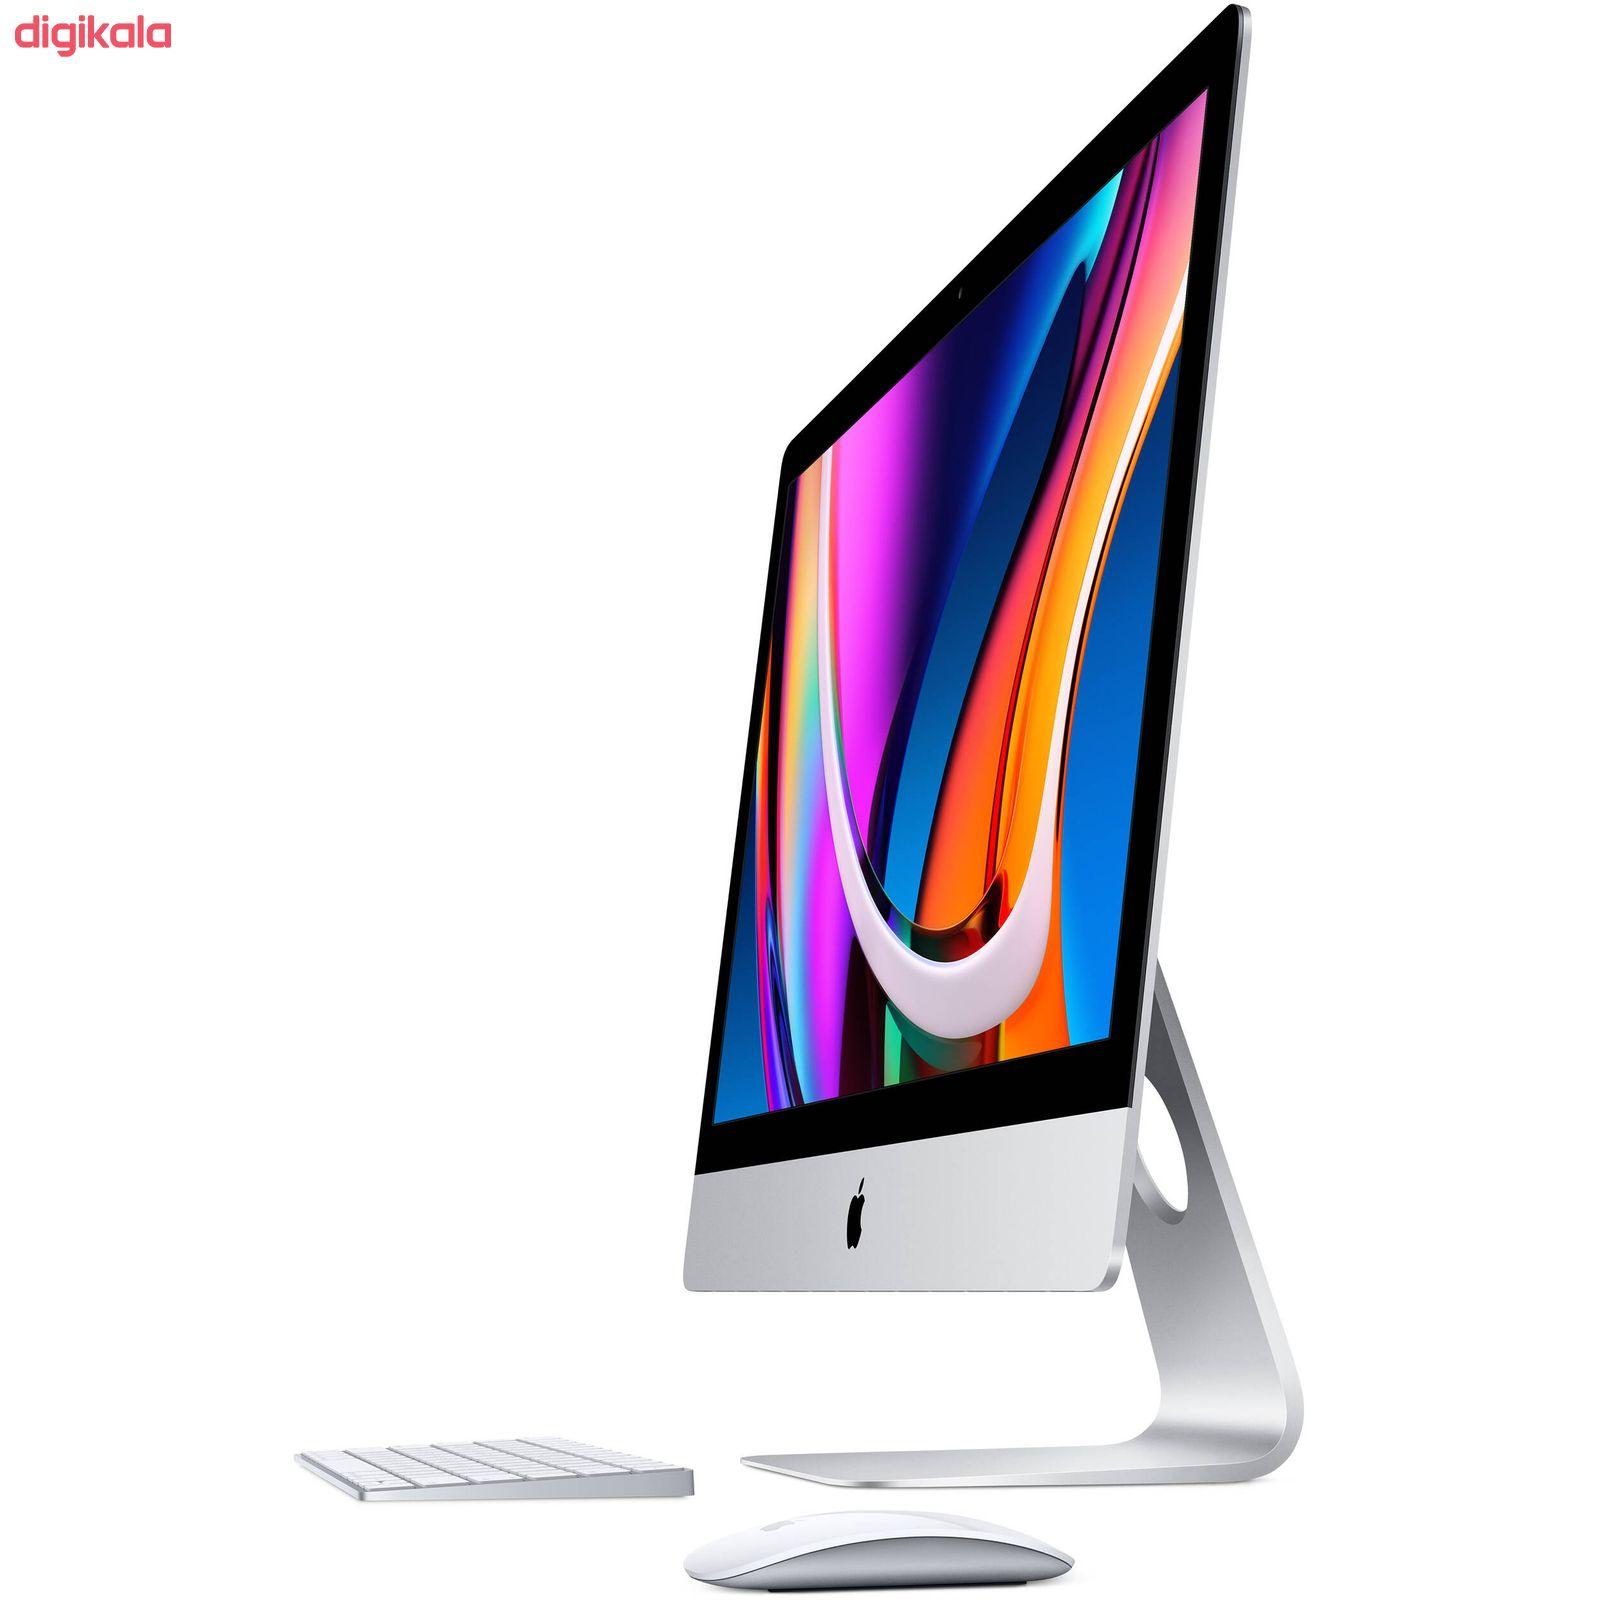 کامپیوتر همه کاره 27 اینچی اپل مدل iMac MXWU2 2020 با صفحه نمایش رتینا 5K  main 1 1